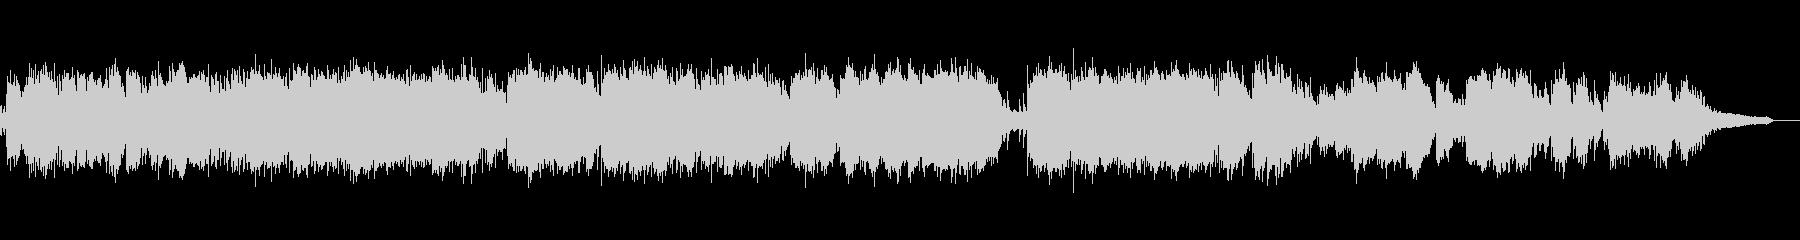 静かなヒーリング系ピアノソロ即興演奏の未再生の波形